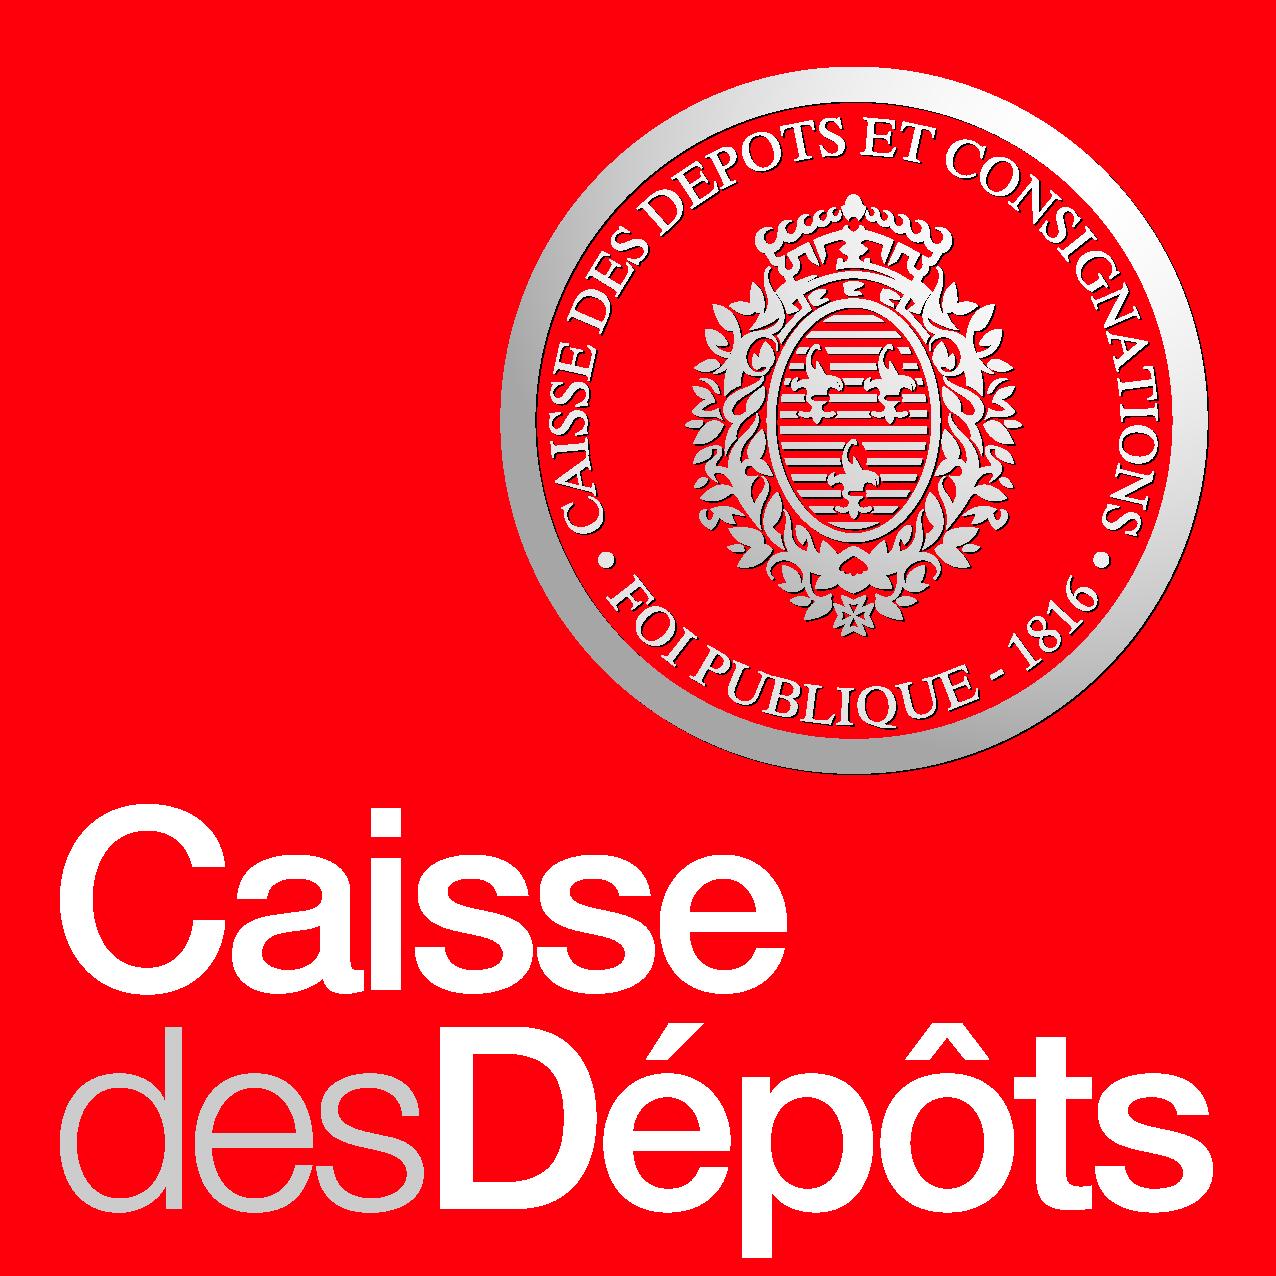 Caisse Des Depots Et Consignations Aatf